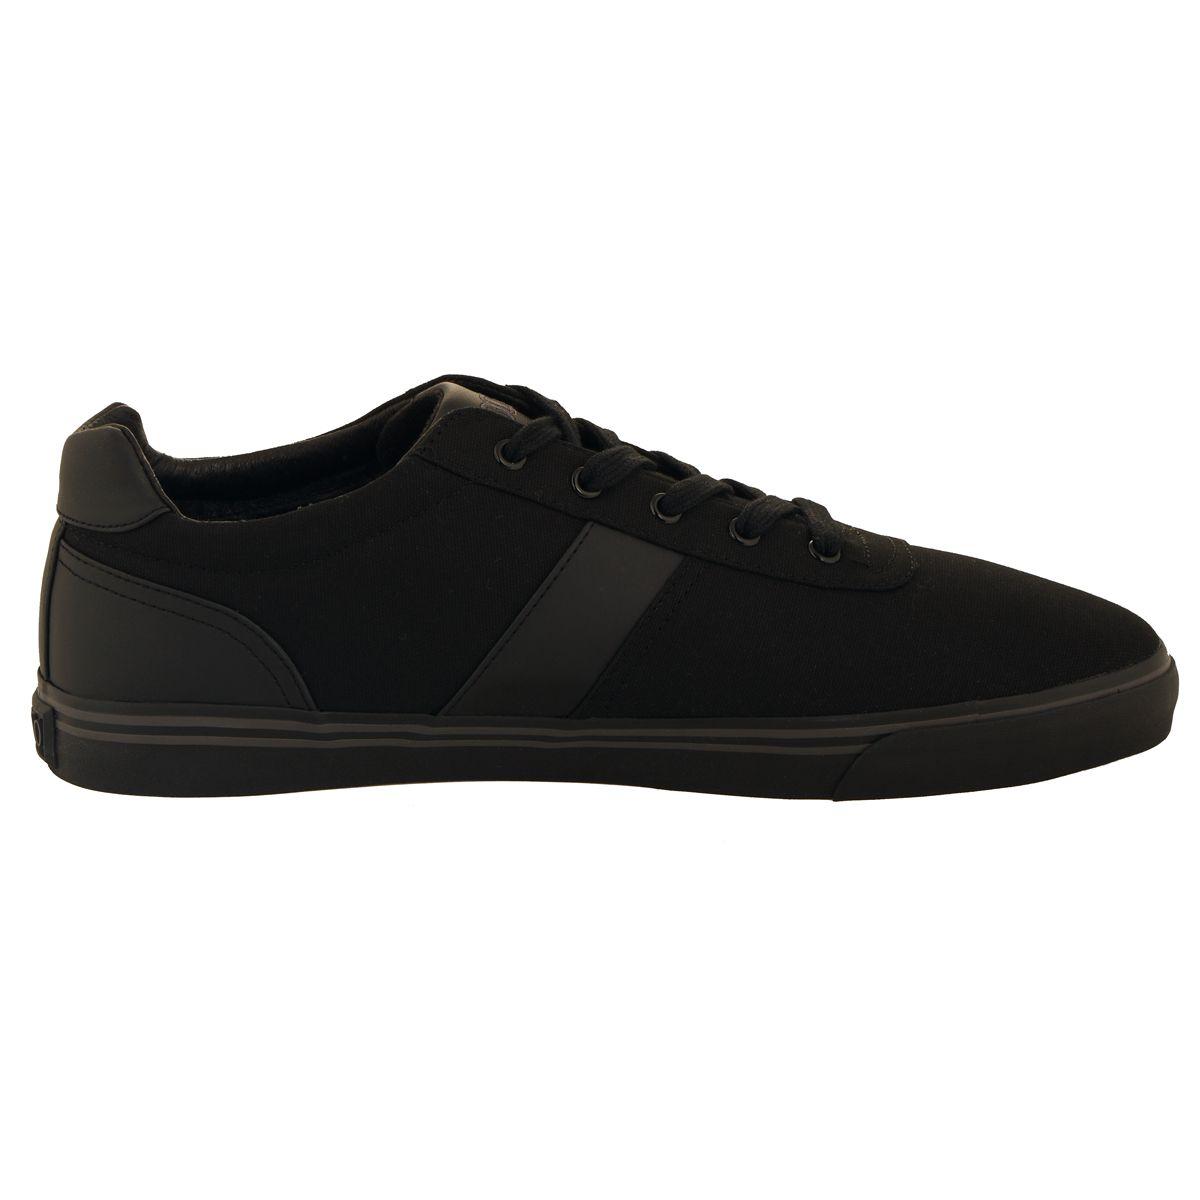 chaussures noires et grises grande taille du 46 au 48 size factory ralph lauren. Black Bedroom Furniture Sets. Home Design Ideas